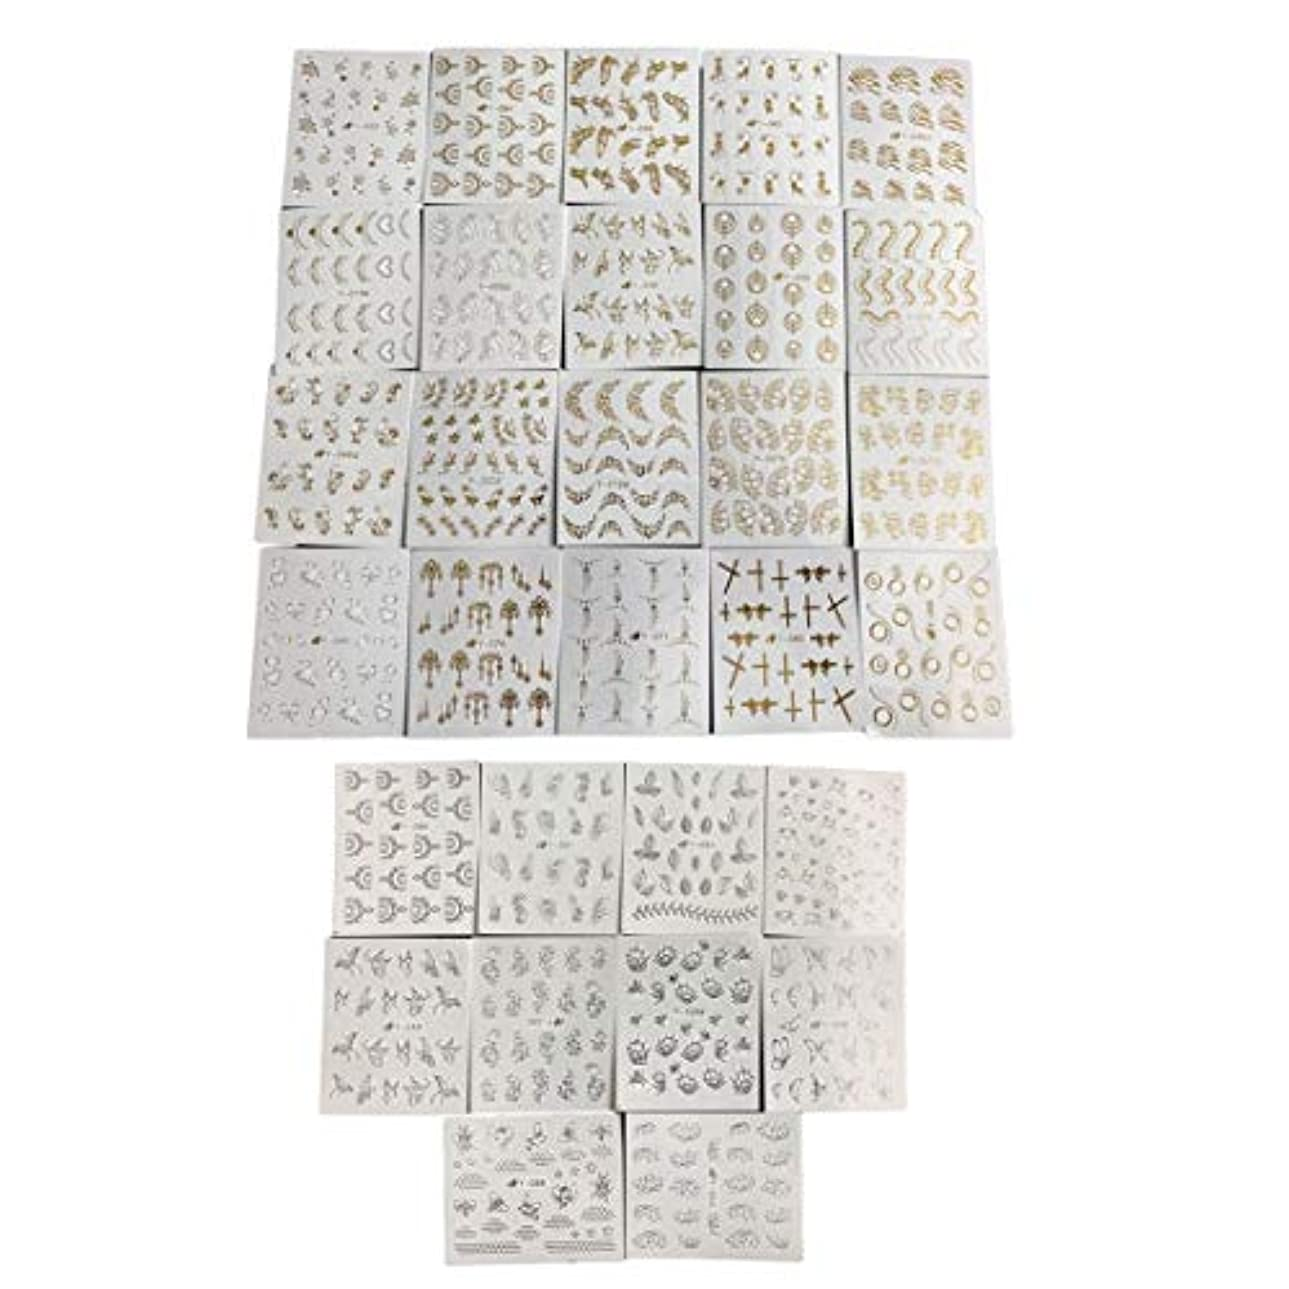 雄弁元気な関係ないフルビューティー30ピースゴールドシルバーネーターウォーターステッパーフェザーフラワーデザインデカール用ネイルデコレーションネイルアートマニキュア